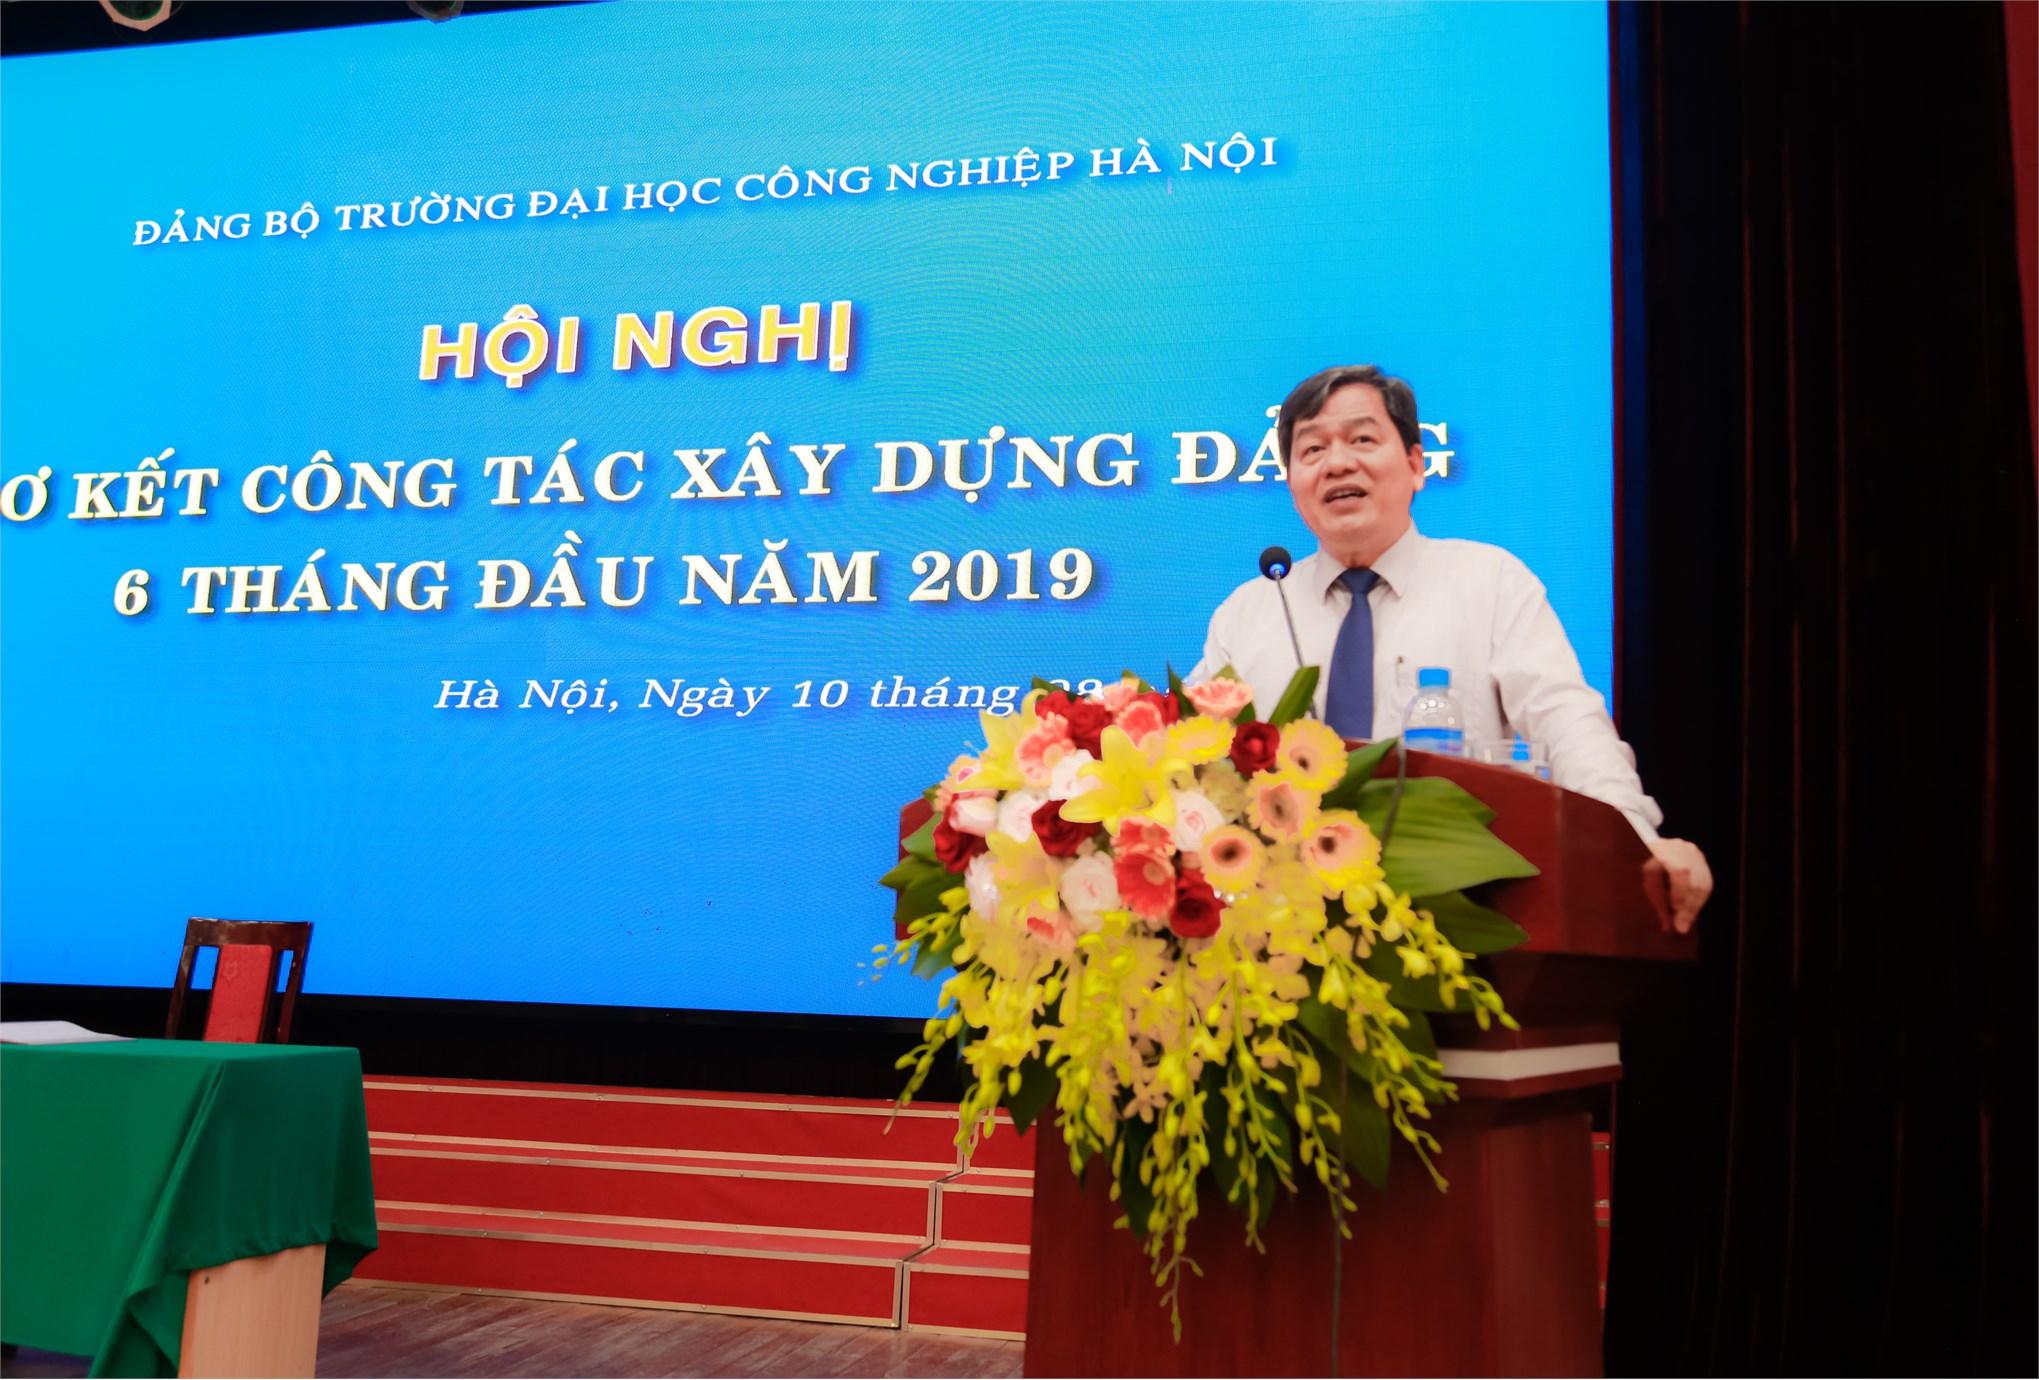 Trao tặng Huy hiệu 30 năm tuổi Đảng và Sơ kết công tác xây dựng Đảng 6 tháng đầu năm 2019